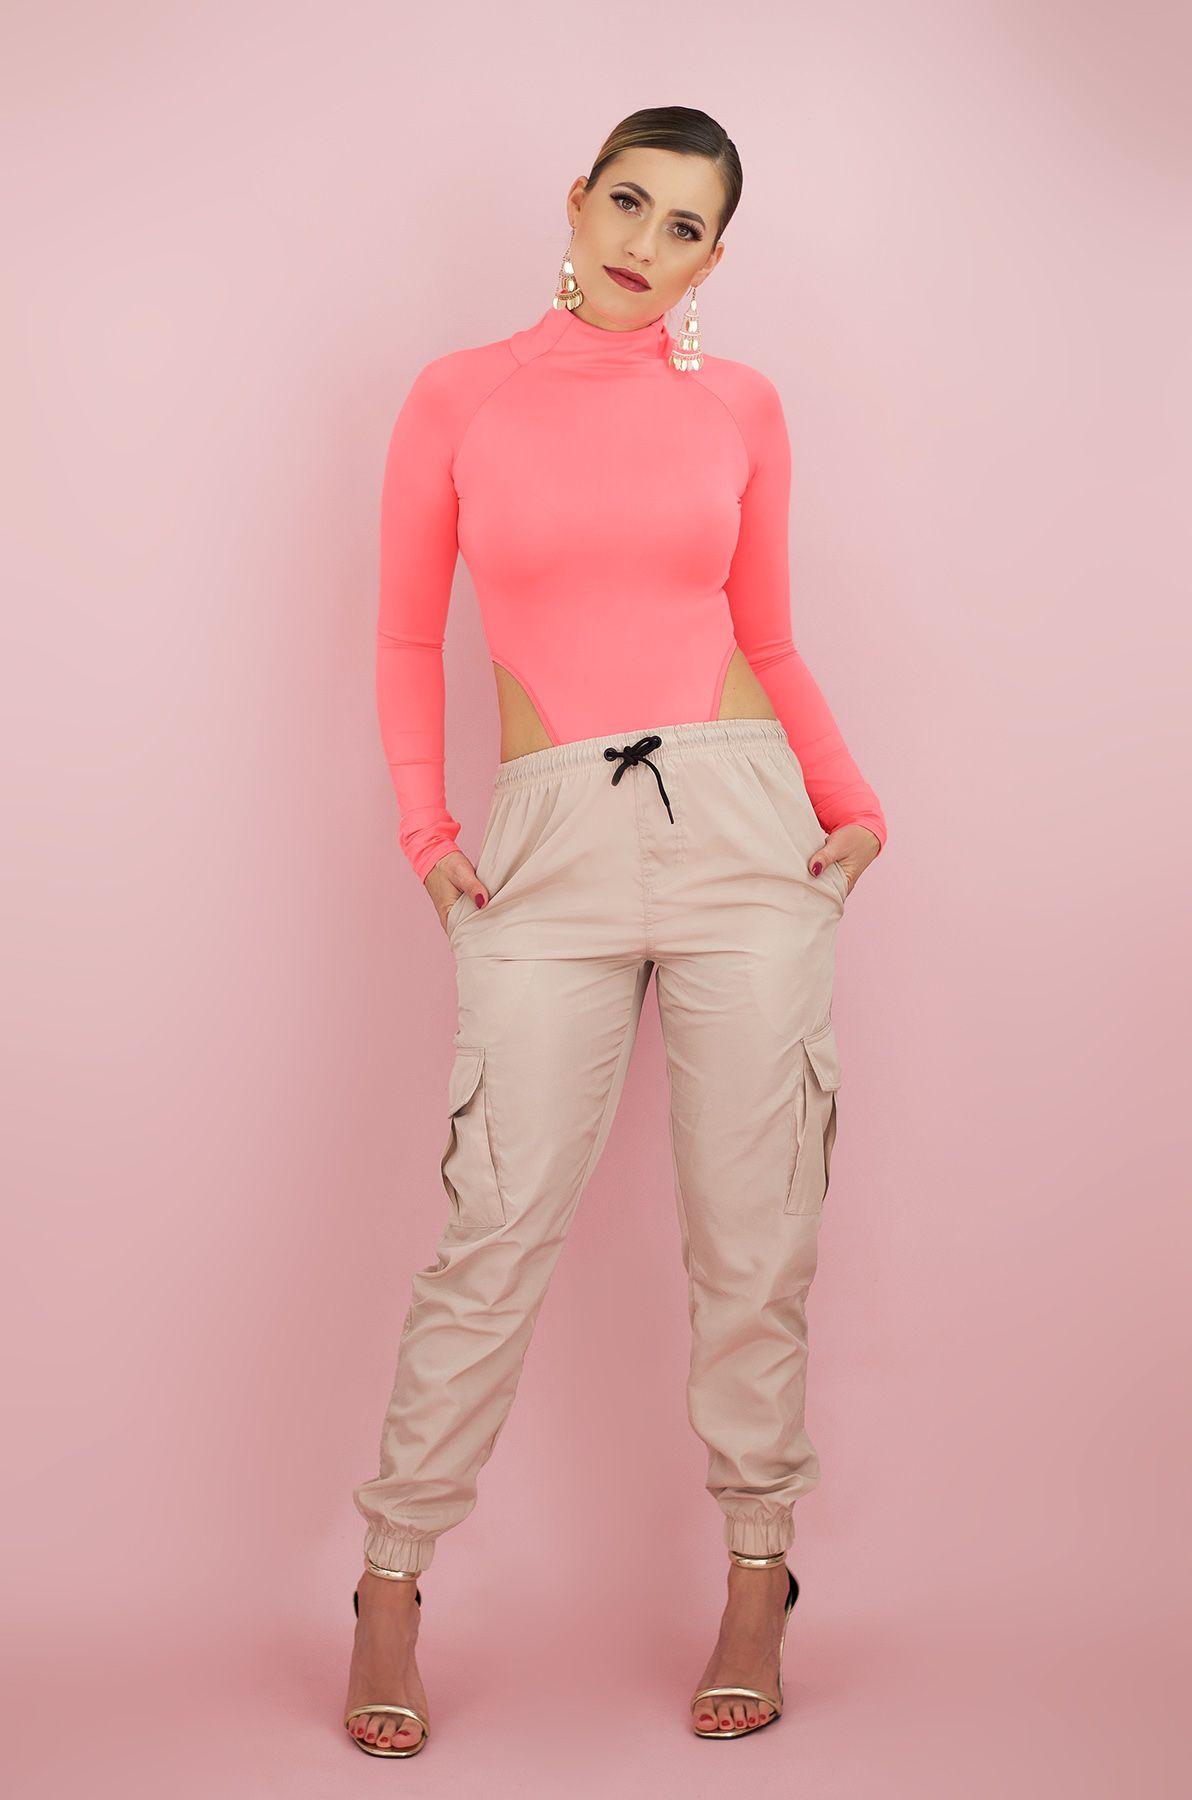 Beige Cargo Hose mit Kordelzug und rosa neon Body